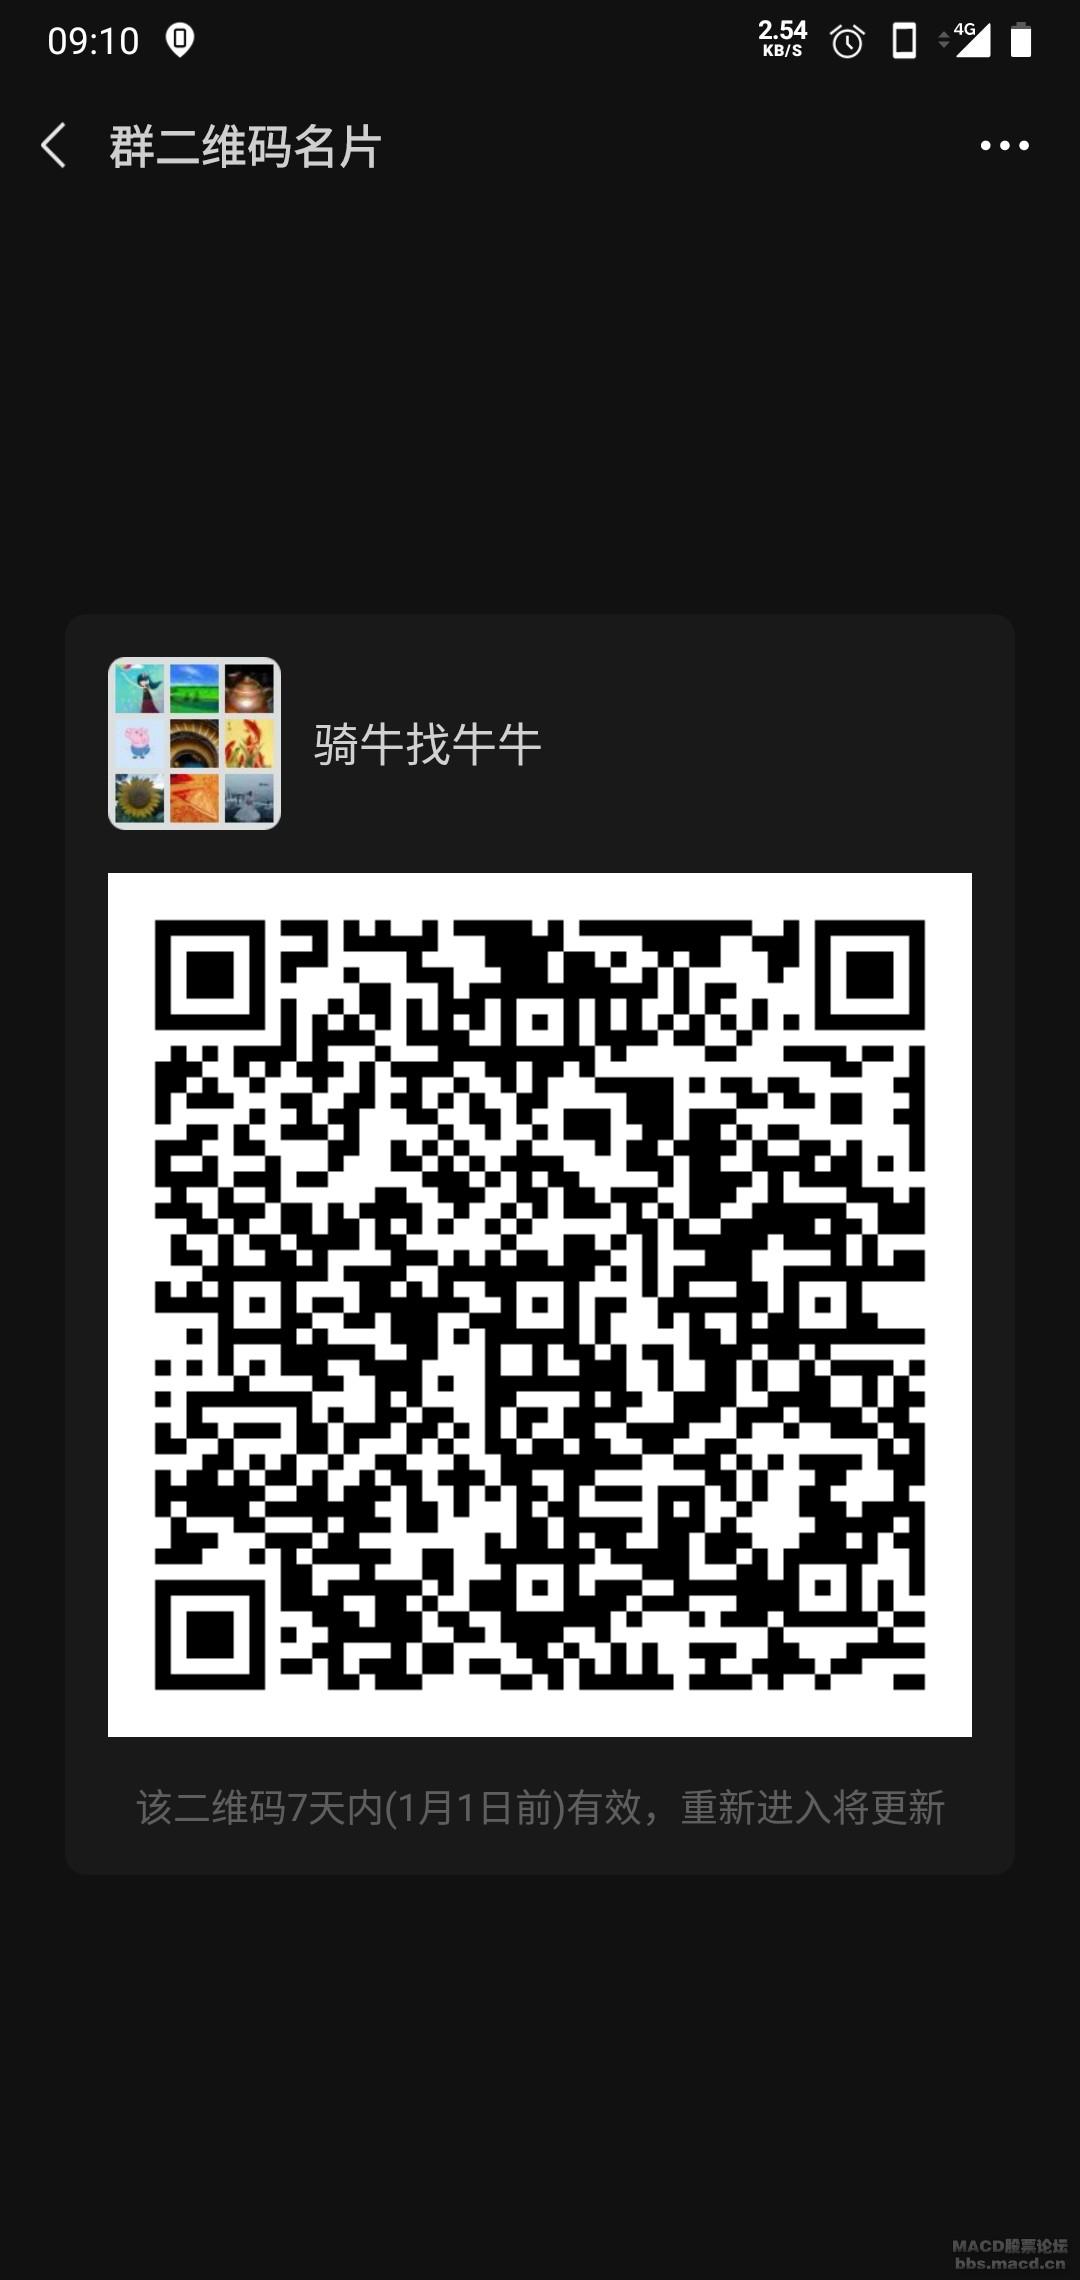 Screenshot_20201225-091025.jpg